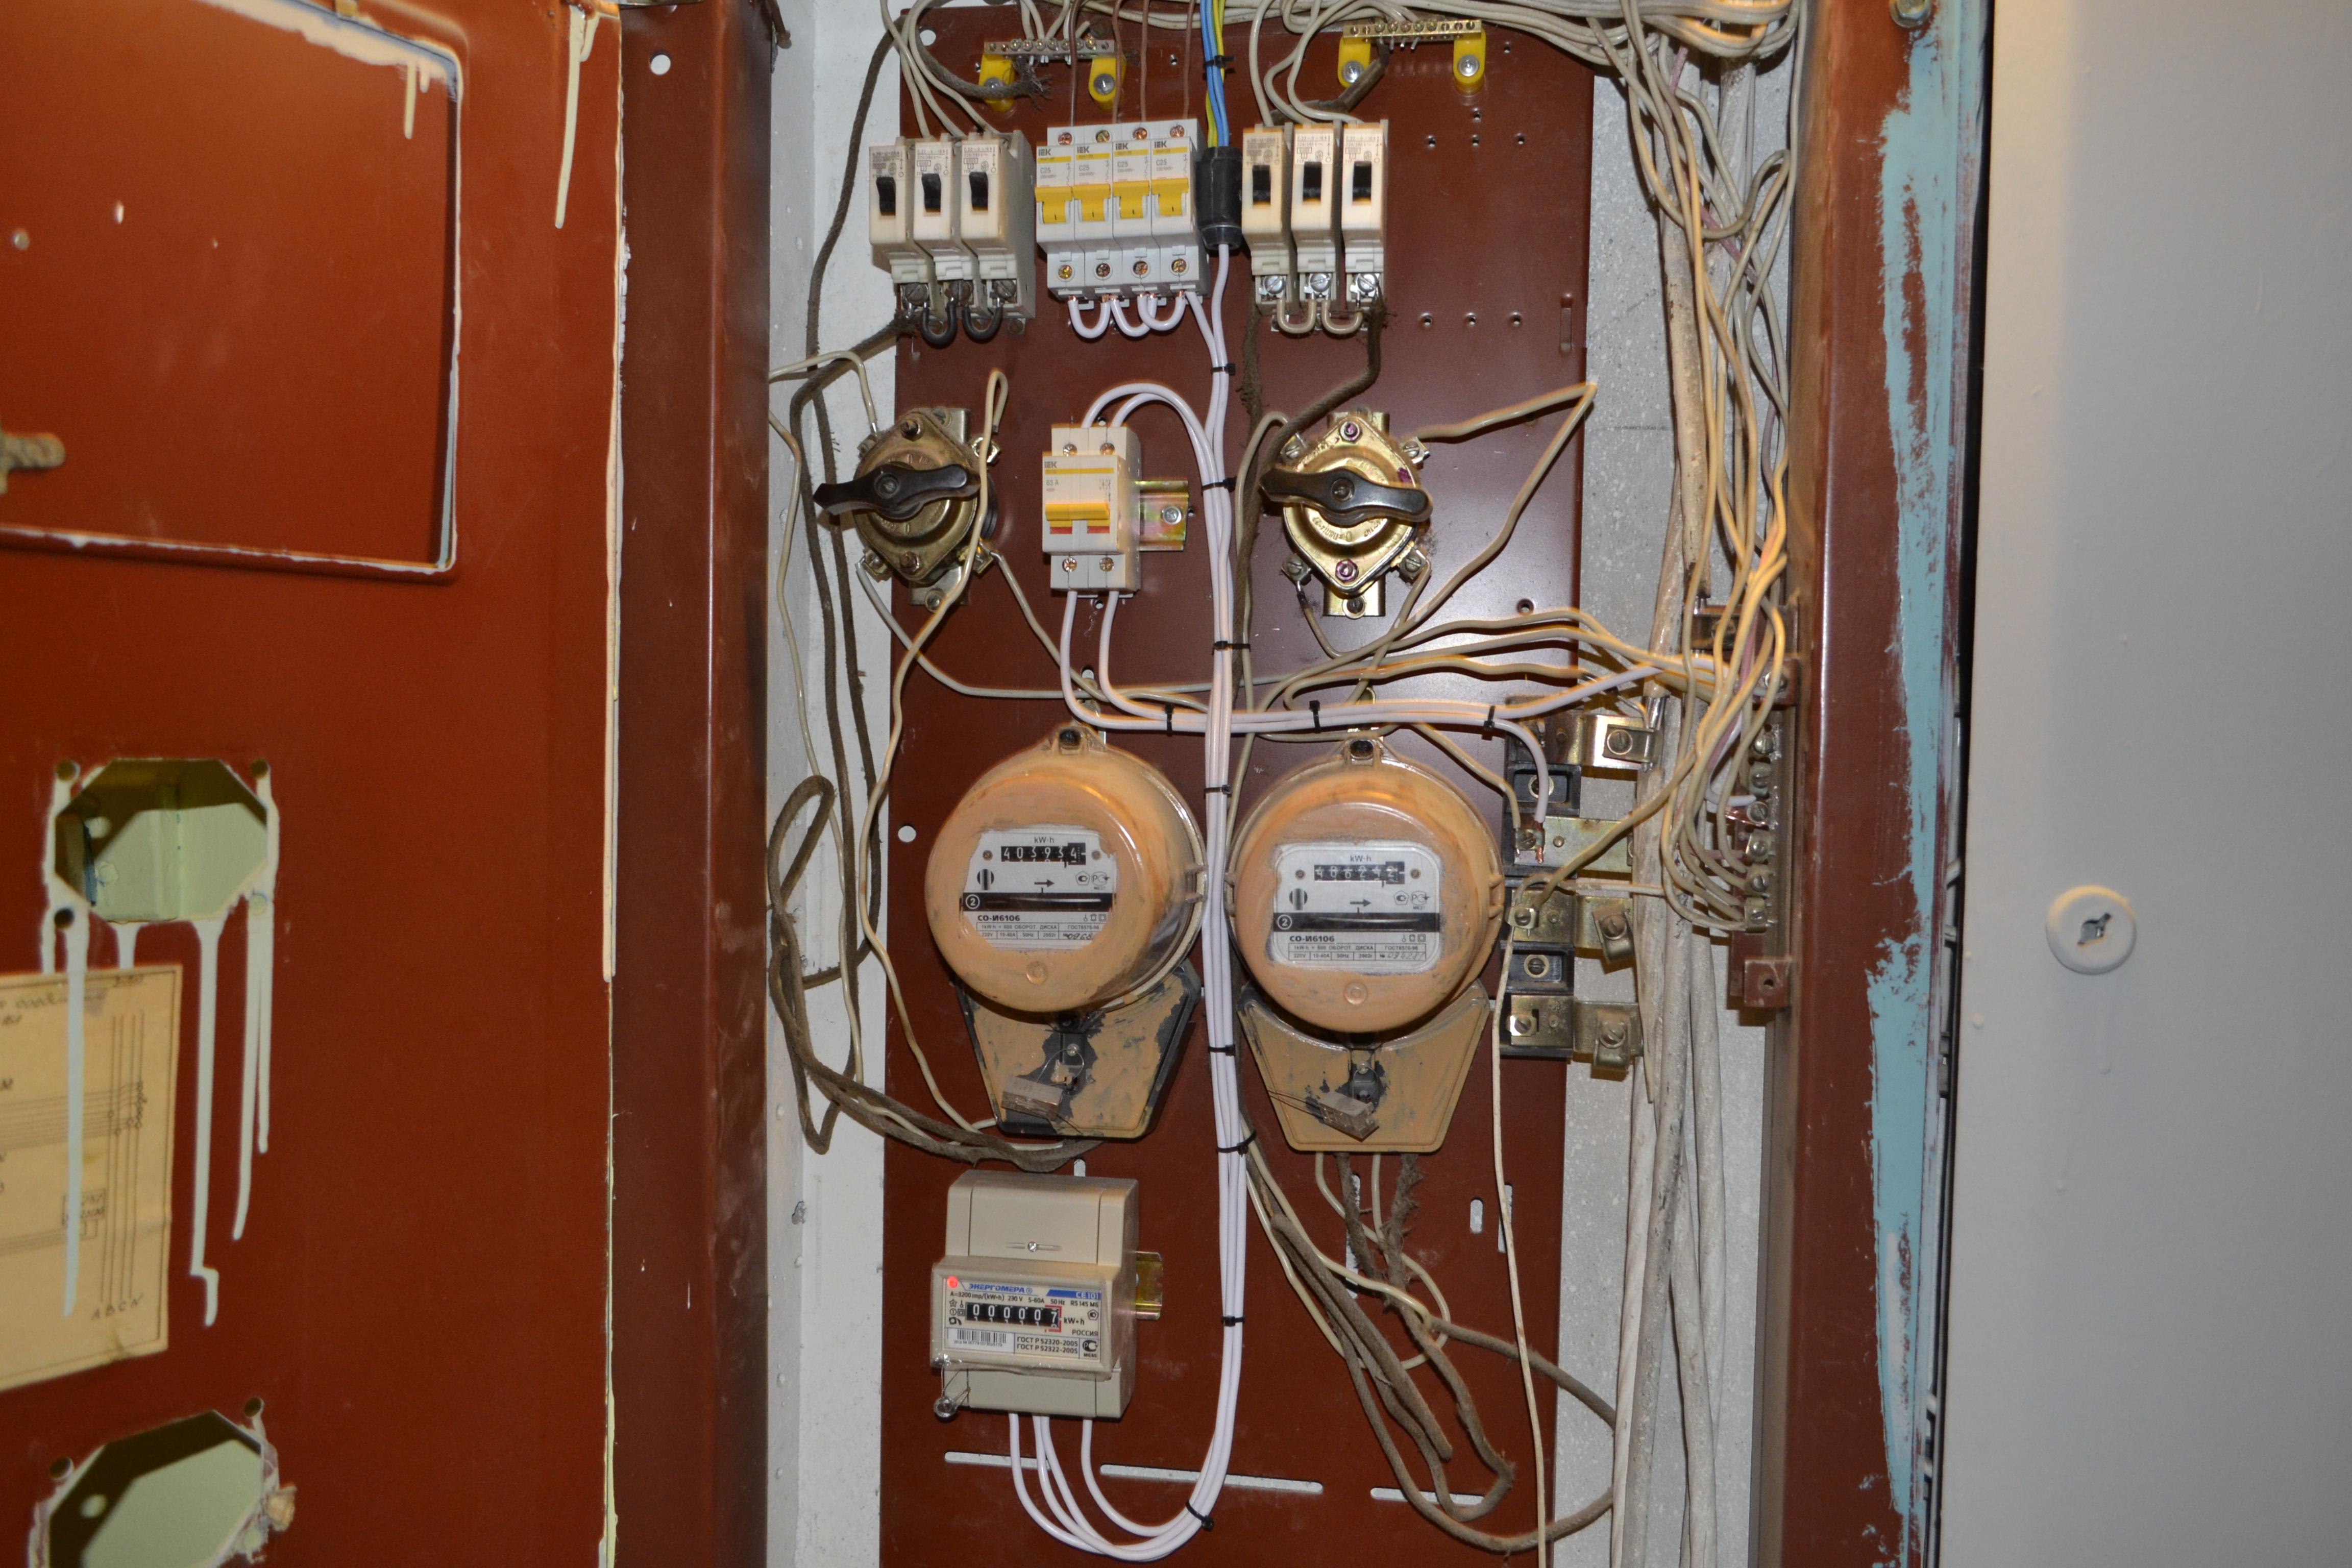 Выбор автоматов защиты при сборке квартирного электрощитка – самэлектрик.ру